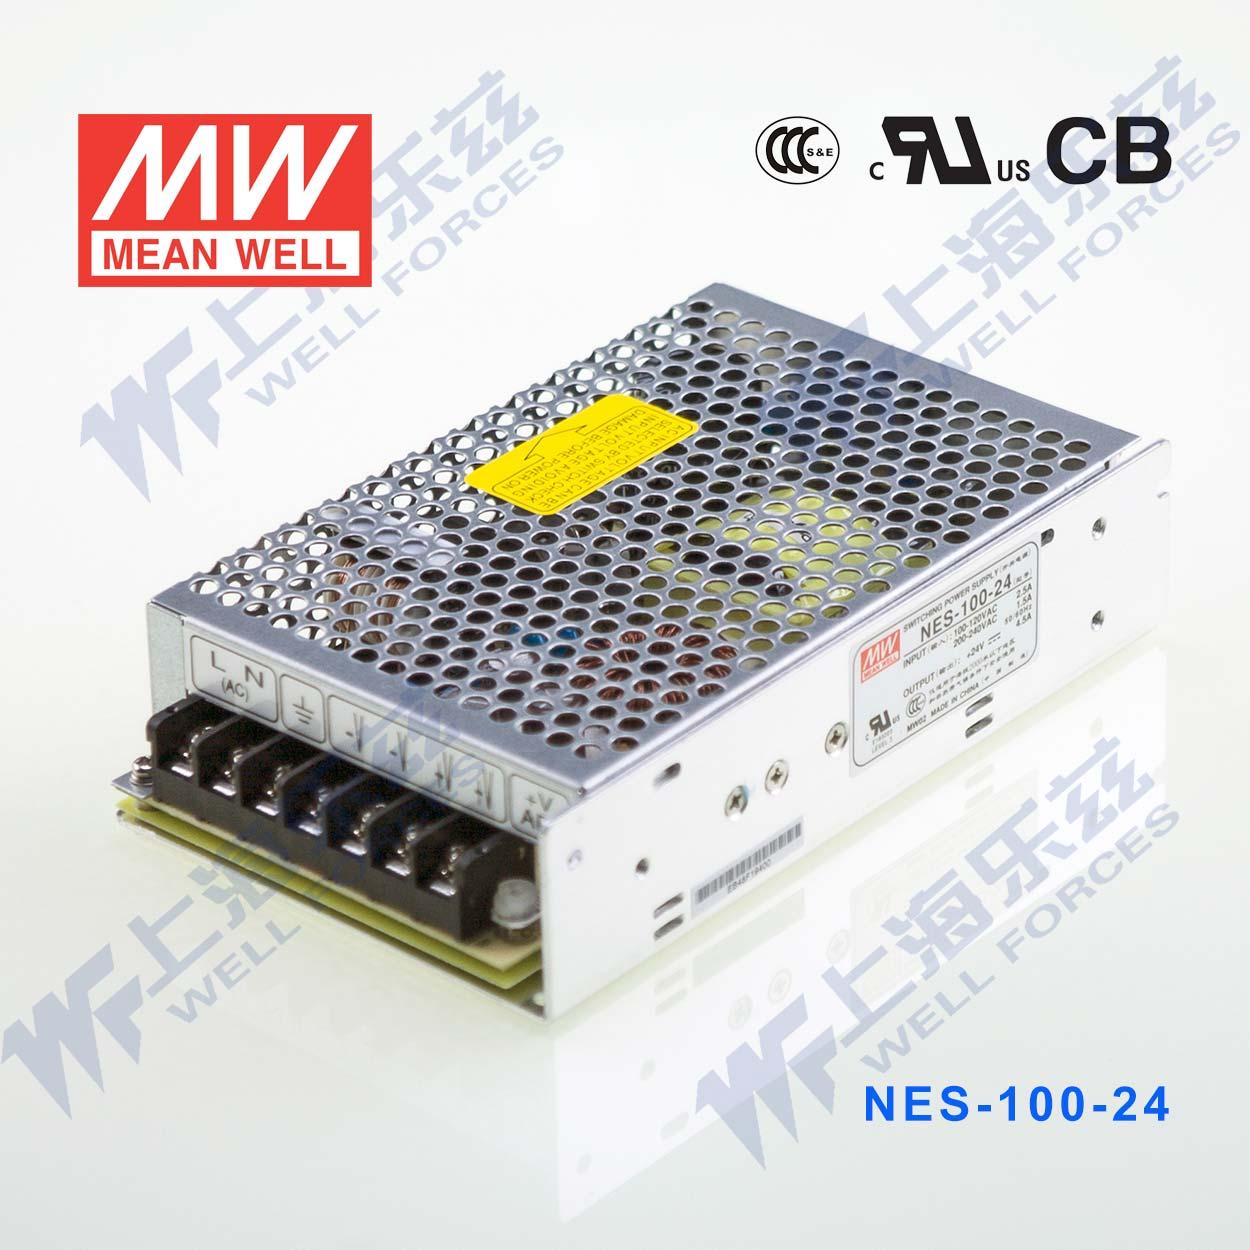 Тайвань следующий широта переключатель источник питания NES-100-24 100W 24V 4.5A [ открыто по голосу sf ]